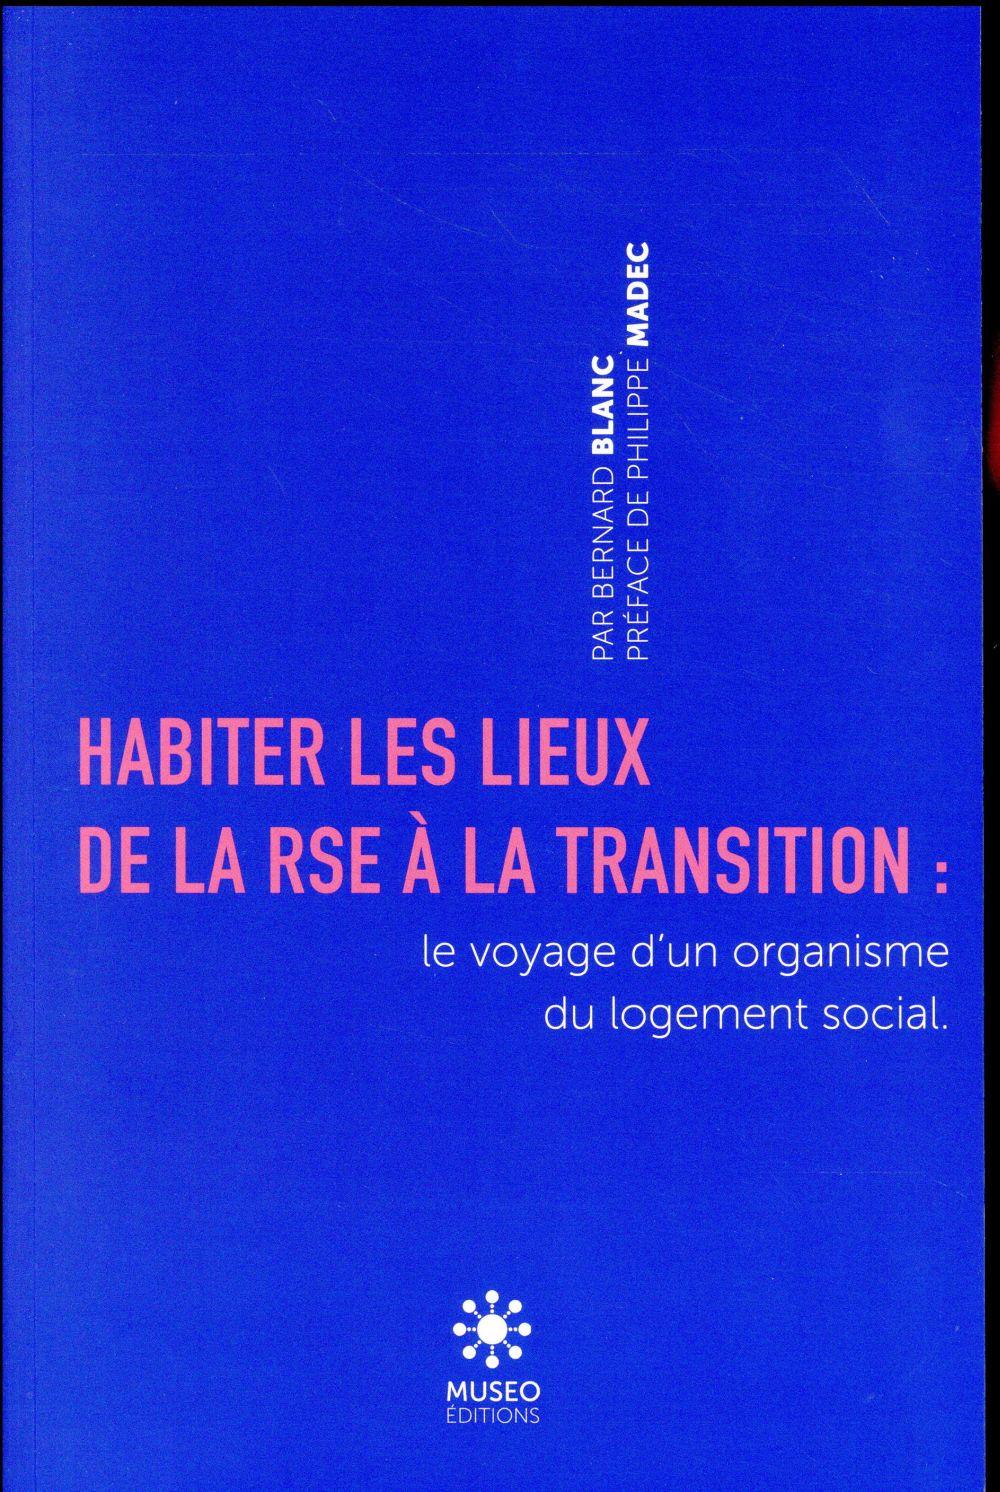 HABITER LES LIEUX - DE LA RSE A LA TRANSITION : LE VOYAGE D'UN ORGANISME DU LOGEMENT SOCIAL.